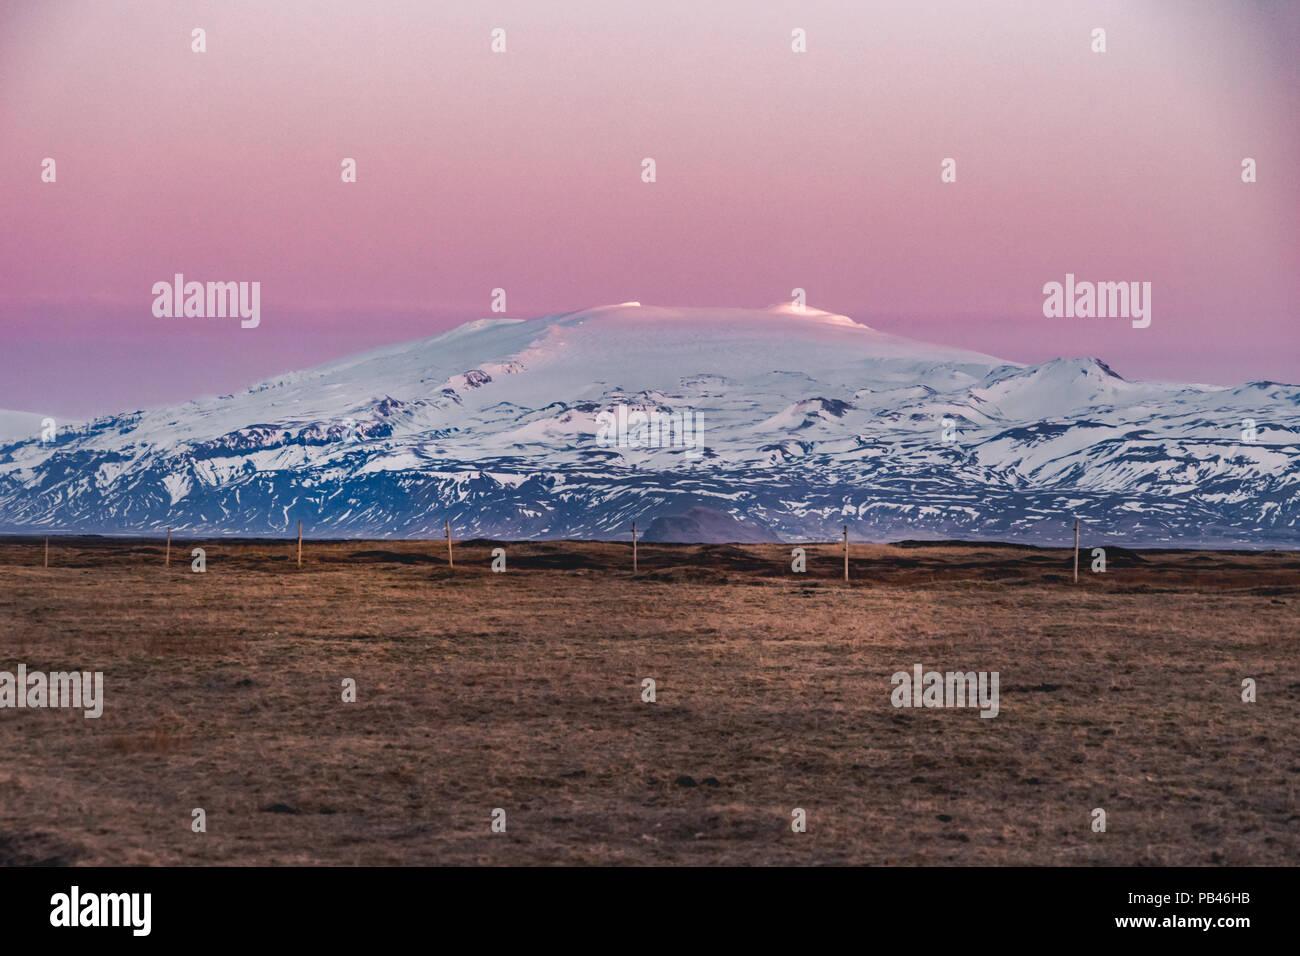 Straße Autobahn Ringstraße Nr. 1 in Island, mit Blick auf die Berge. Südliche Seite des Landes. Stockfoto